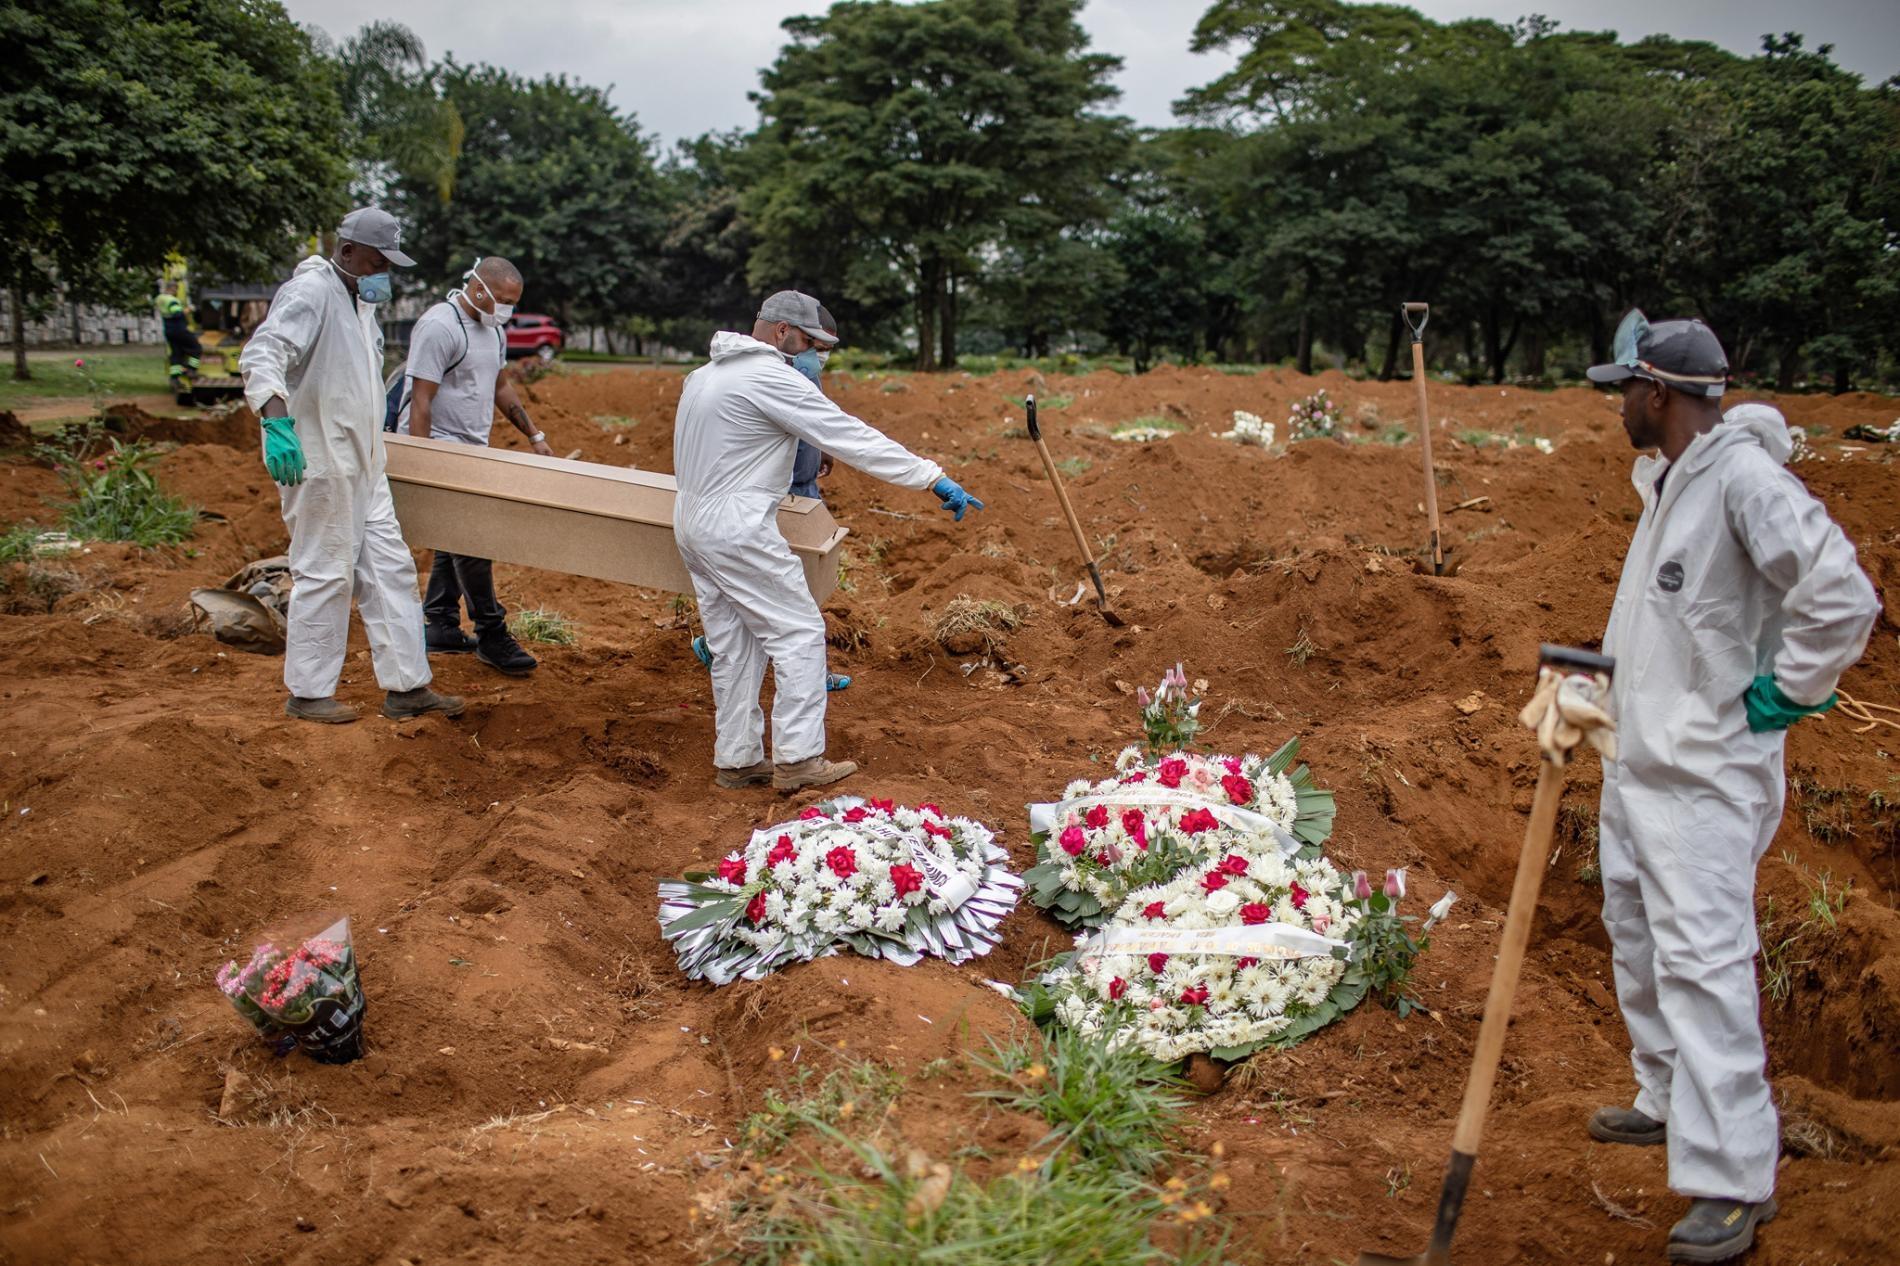 2020年4月7日星期二,幾個人在巴西聖保羅的維拉福爾摩沙公墓(Vila Formosa cemetery)埋葬一名死去的冠狀病毒患者。PHOTOGRAPH BY VICTOR MORIYAMA, THE NEW YORK TIMES VIA REDUX